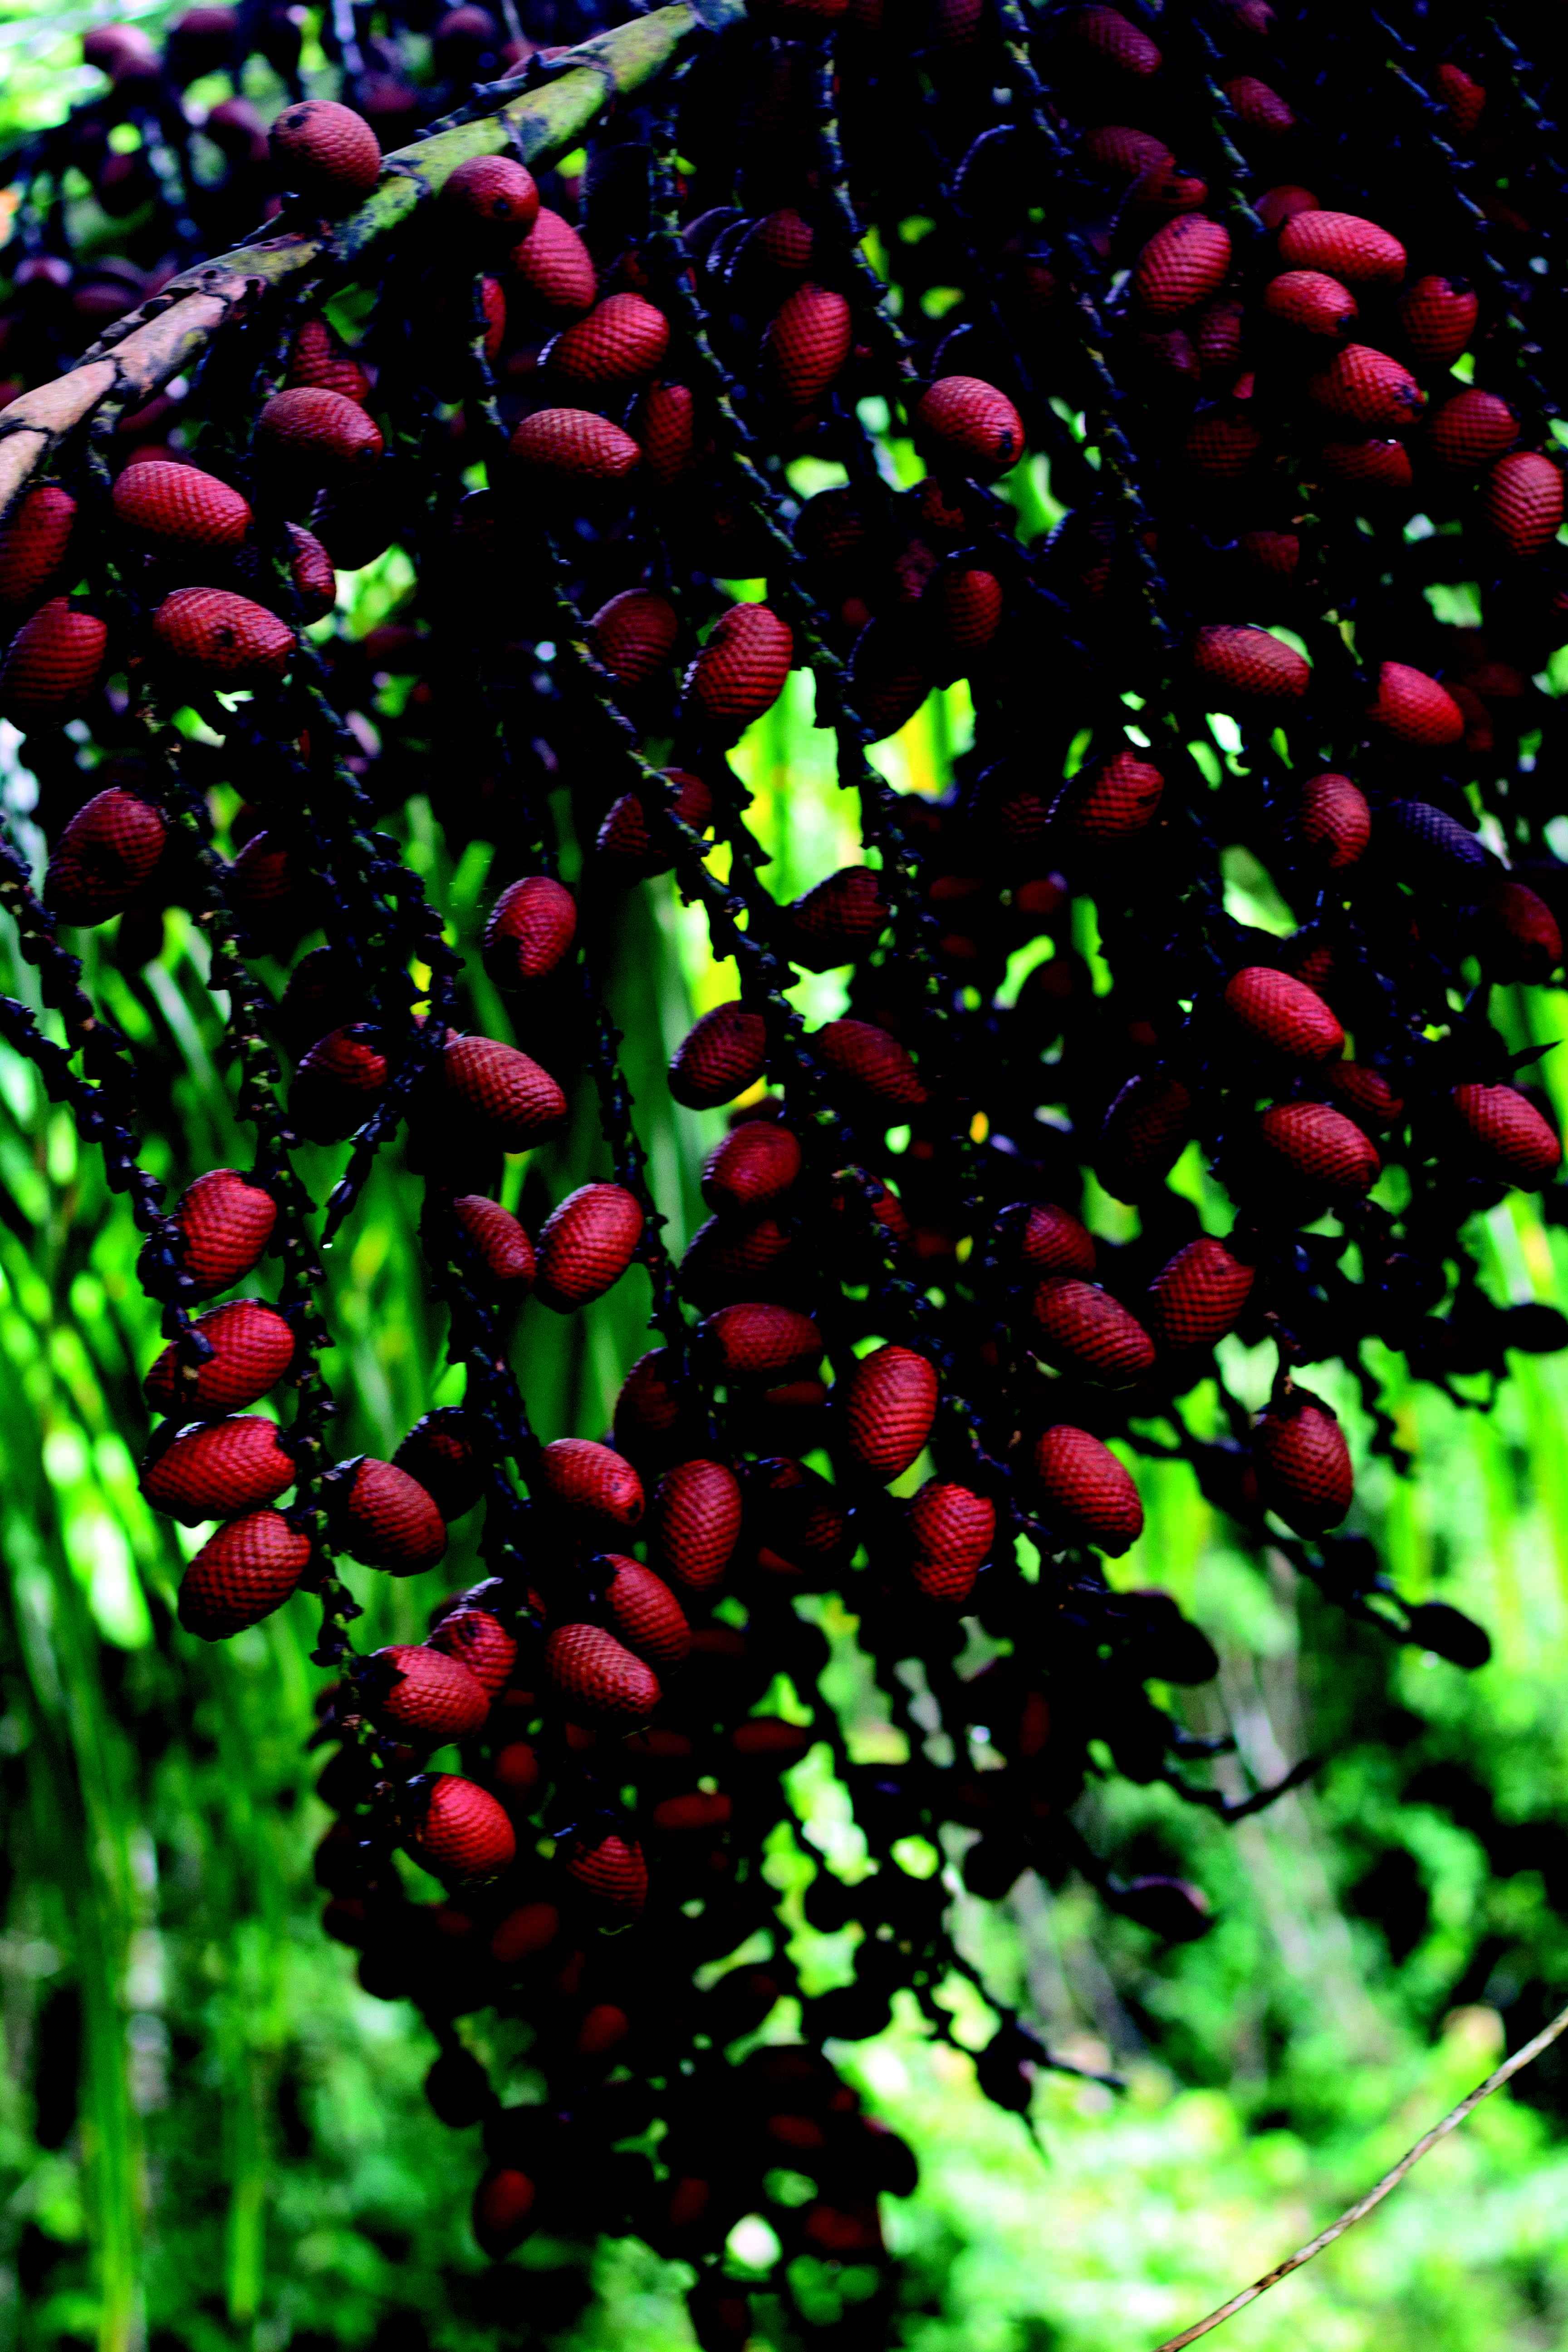 Frutos do buritizeiro, espécie de palmeira cultivada no Norte de Minas